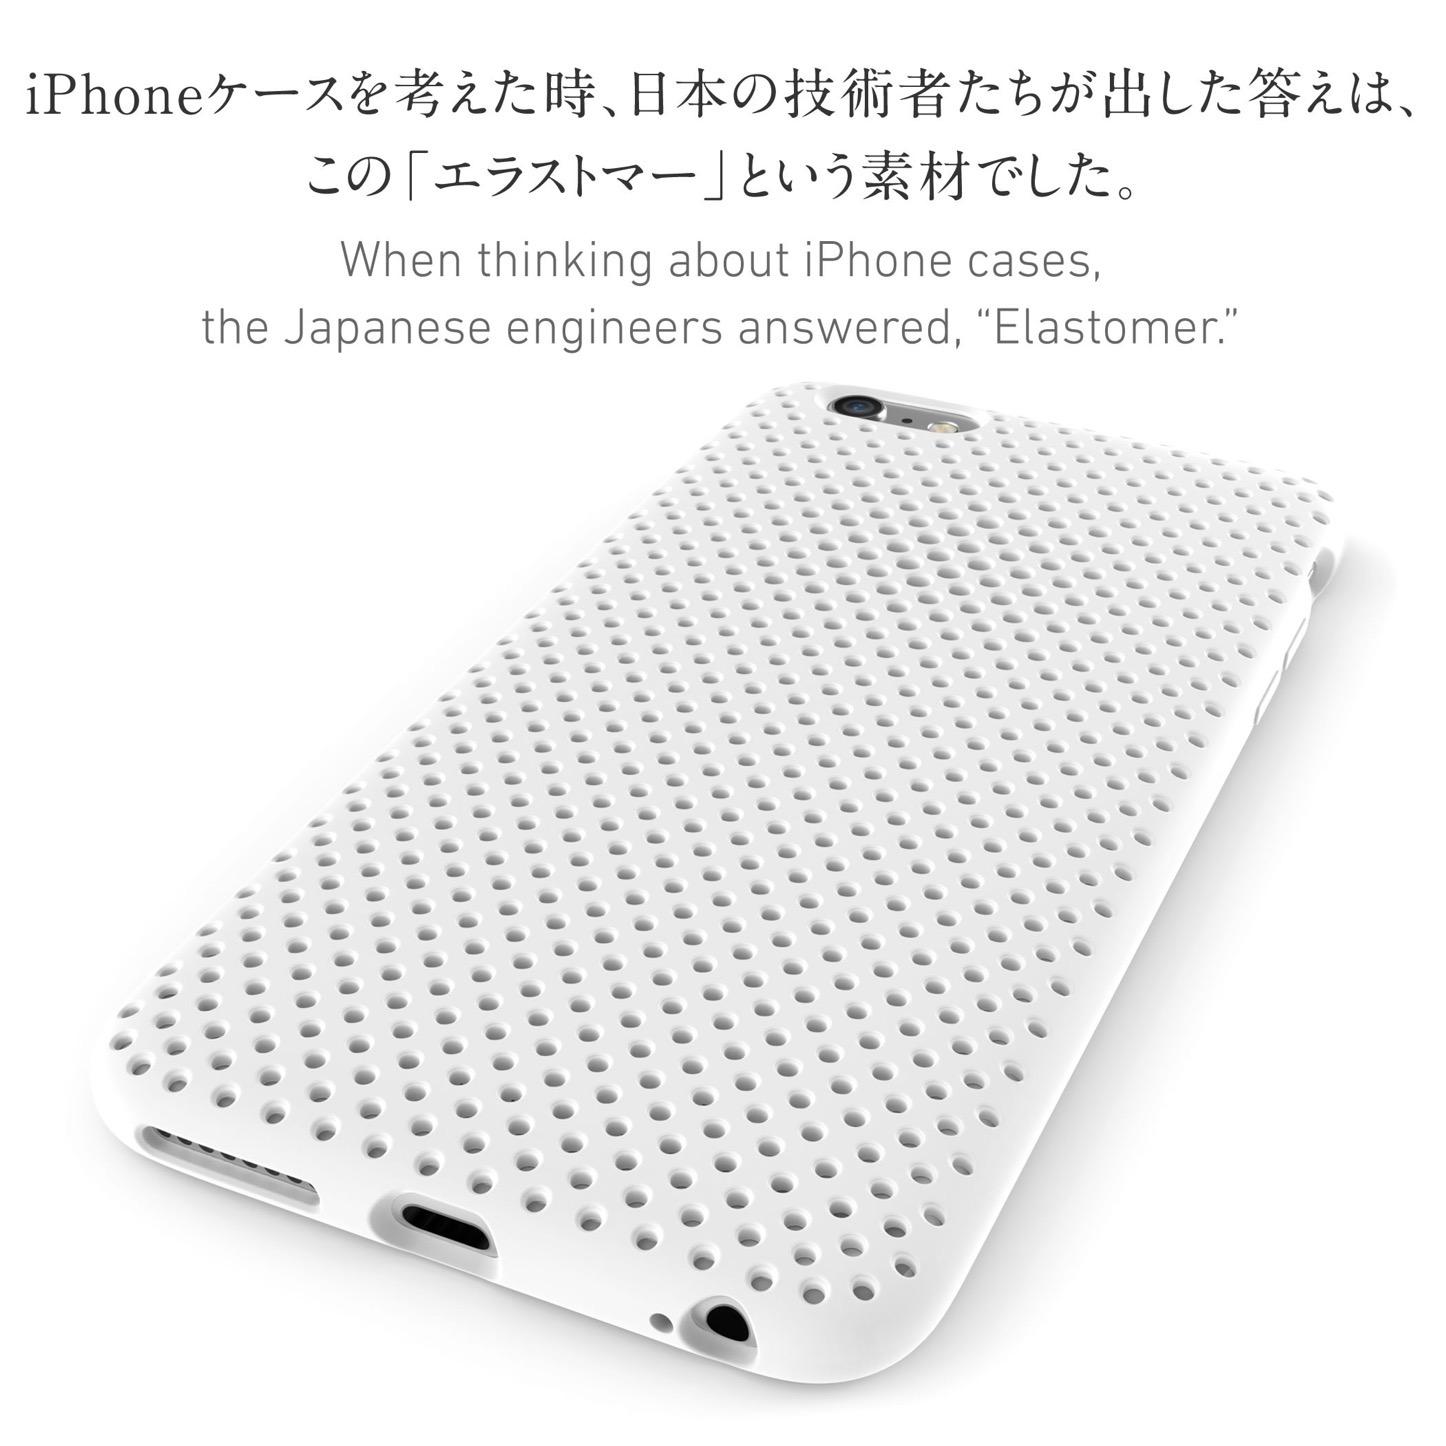 Andmesh-mesh-case-sale-buy-1-get-1-free-17.jpg